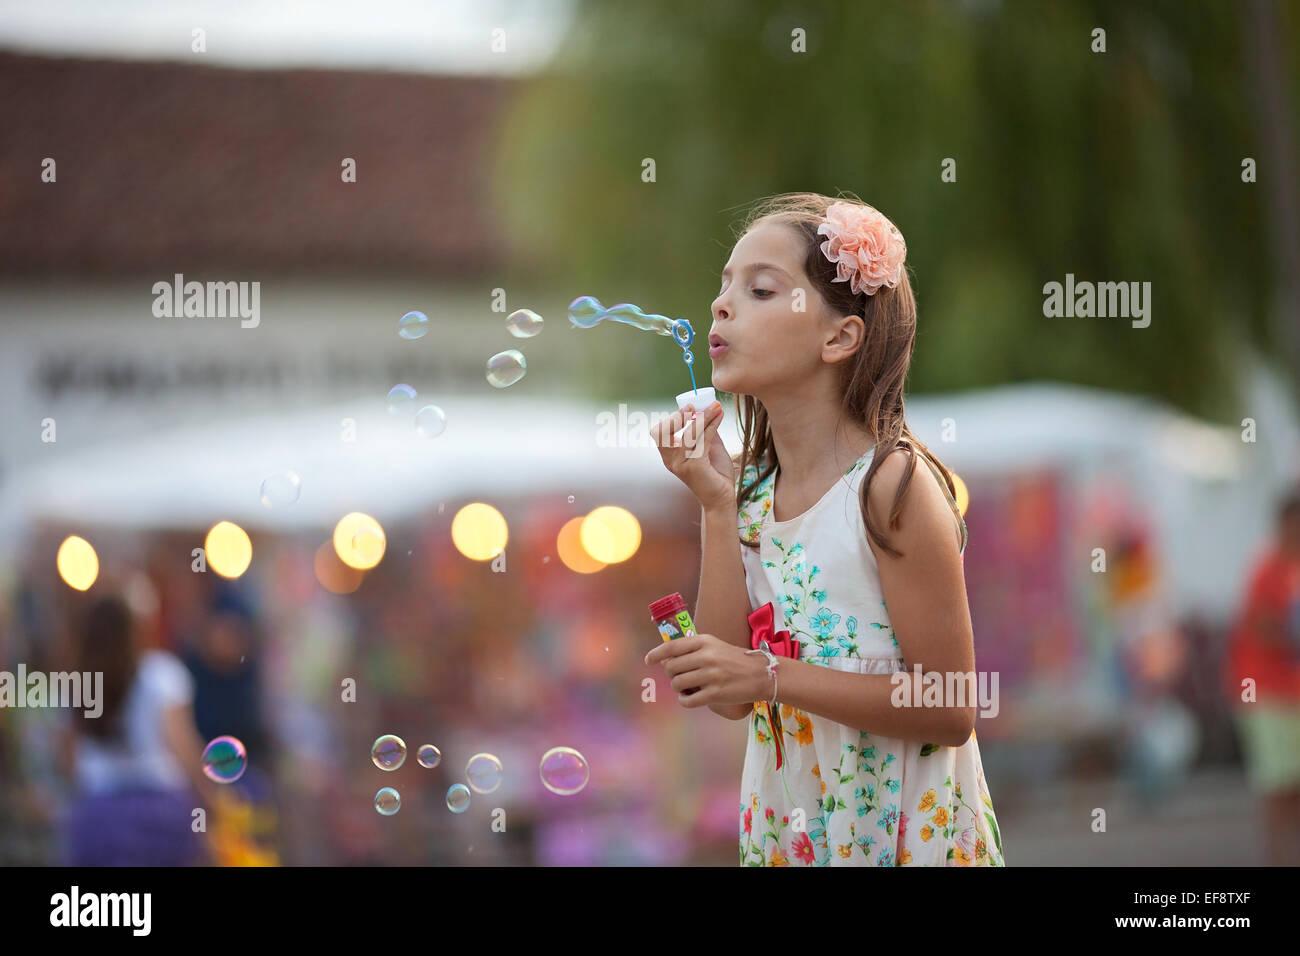 Chica (8-9) en el vestido soplando burbujas de jabón Imagen De Stock